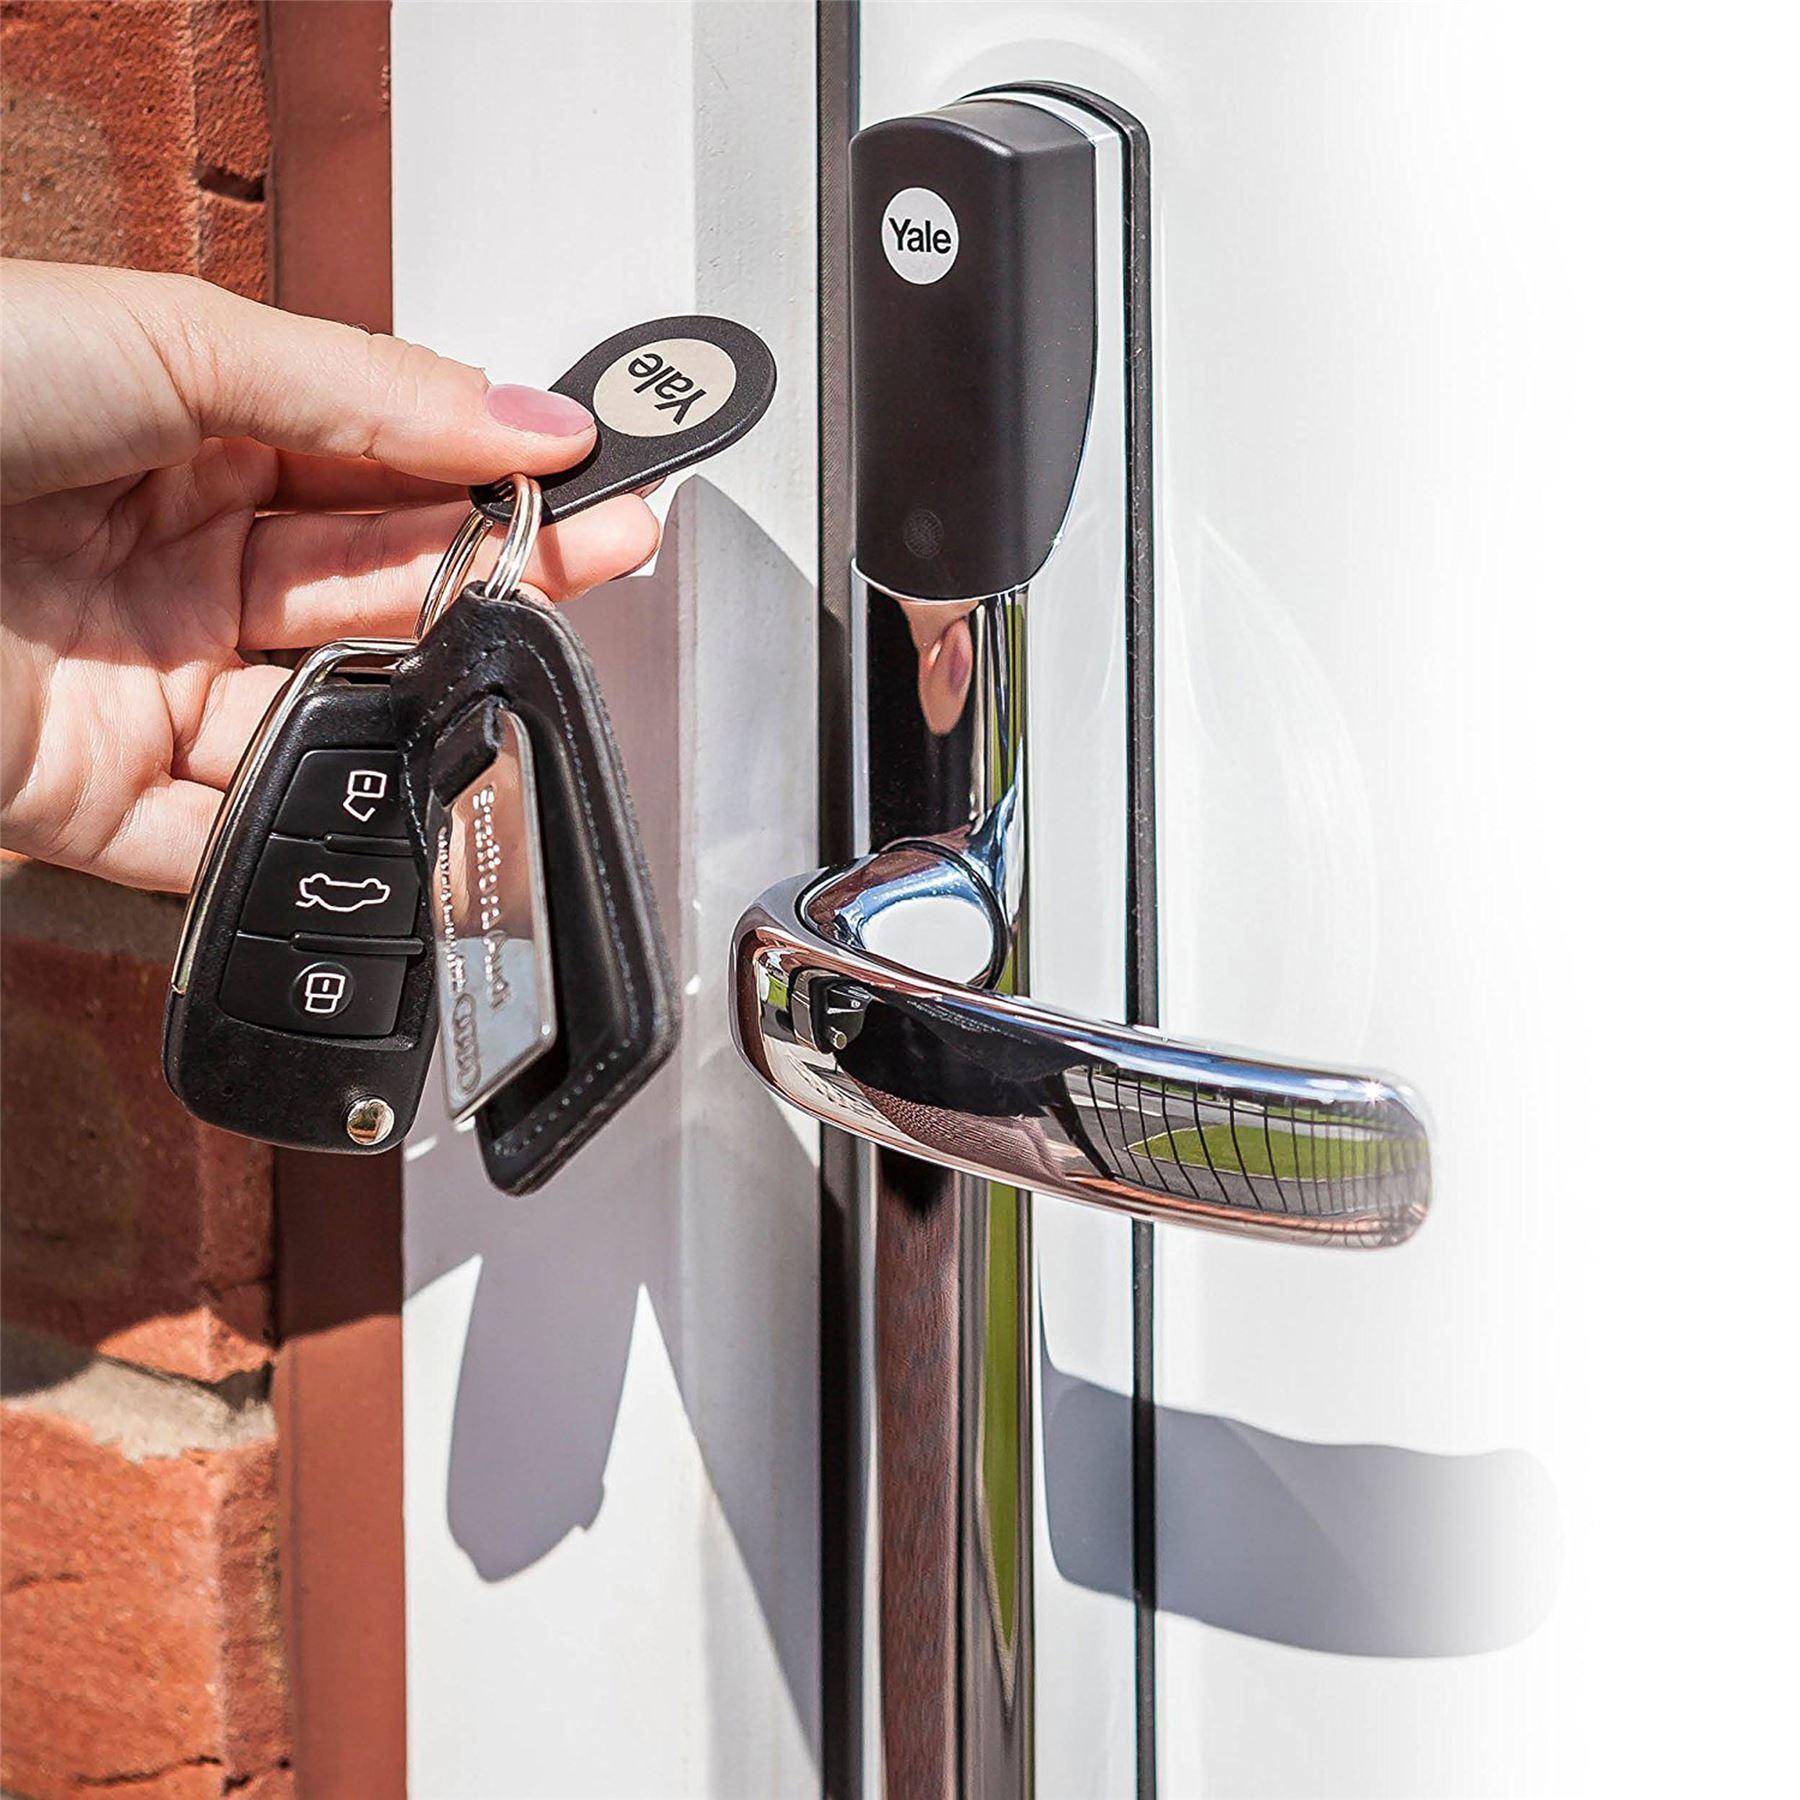 Yale Conexis L1 High Security Handle Smart Door Lock